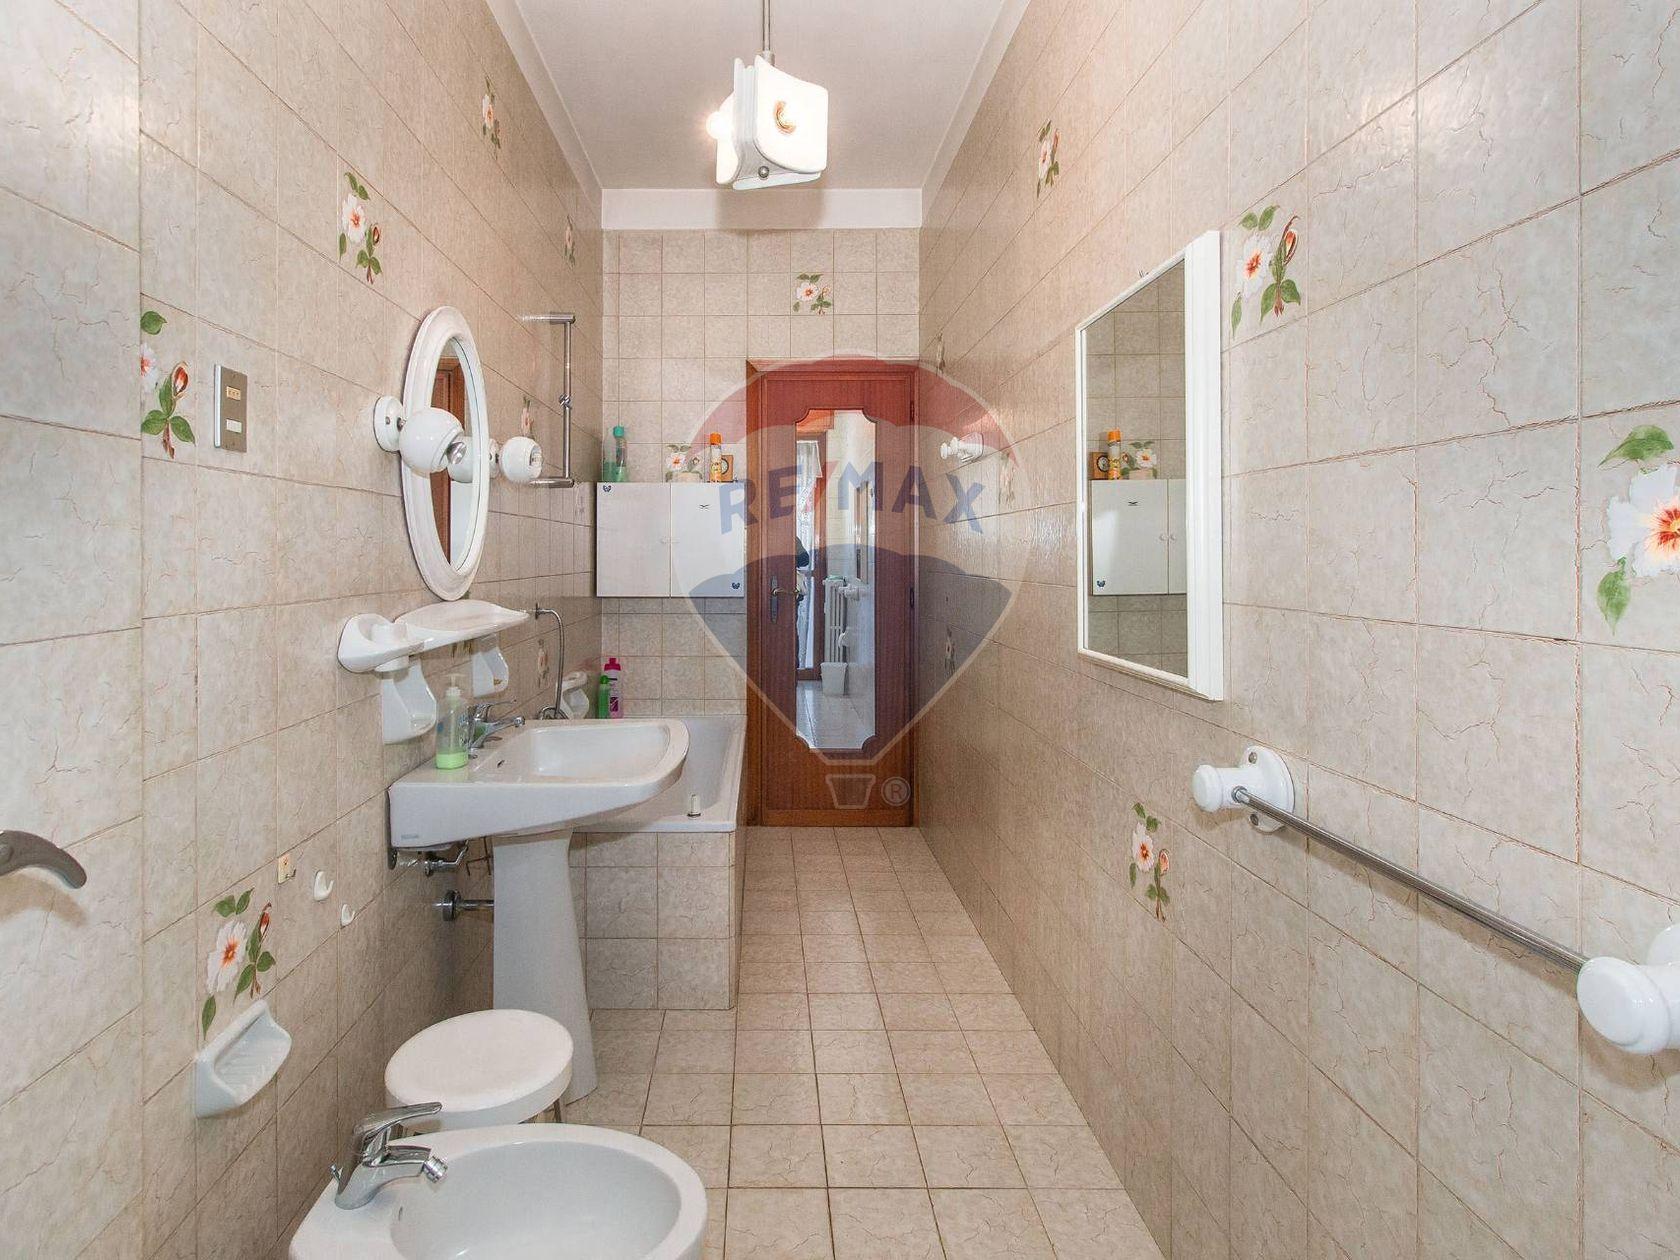 Appartamento San Pietro, Moncalieri, TO Vendita - Foto 12